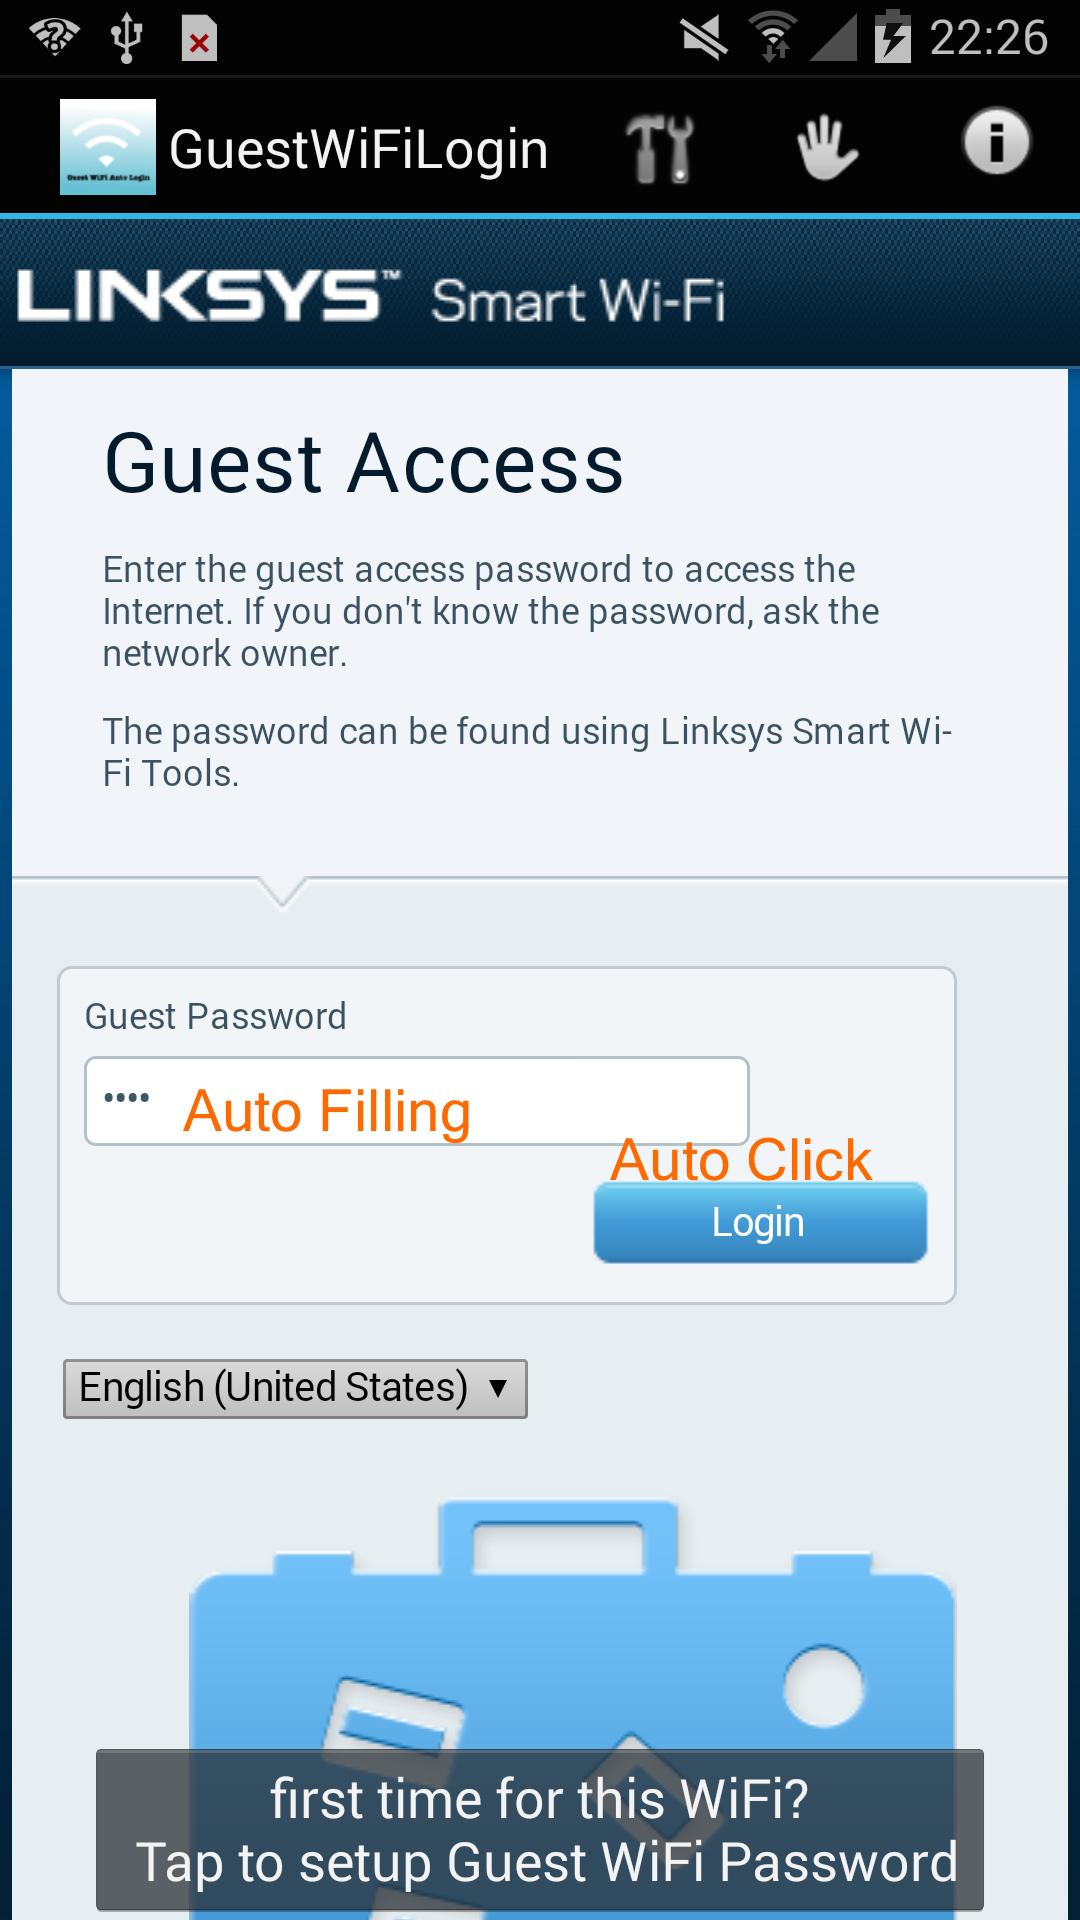 Guest WiFi Auto Login